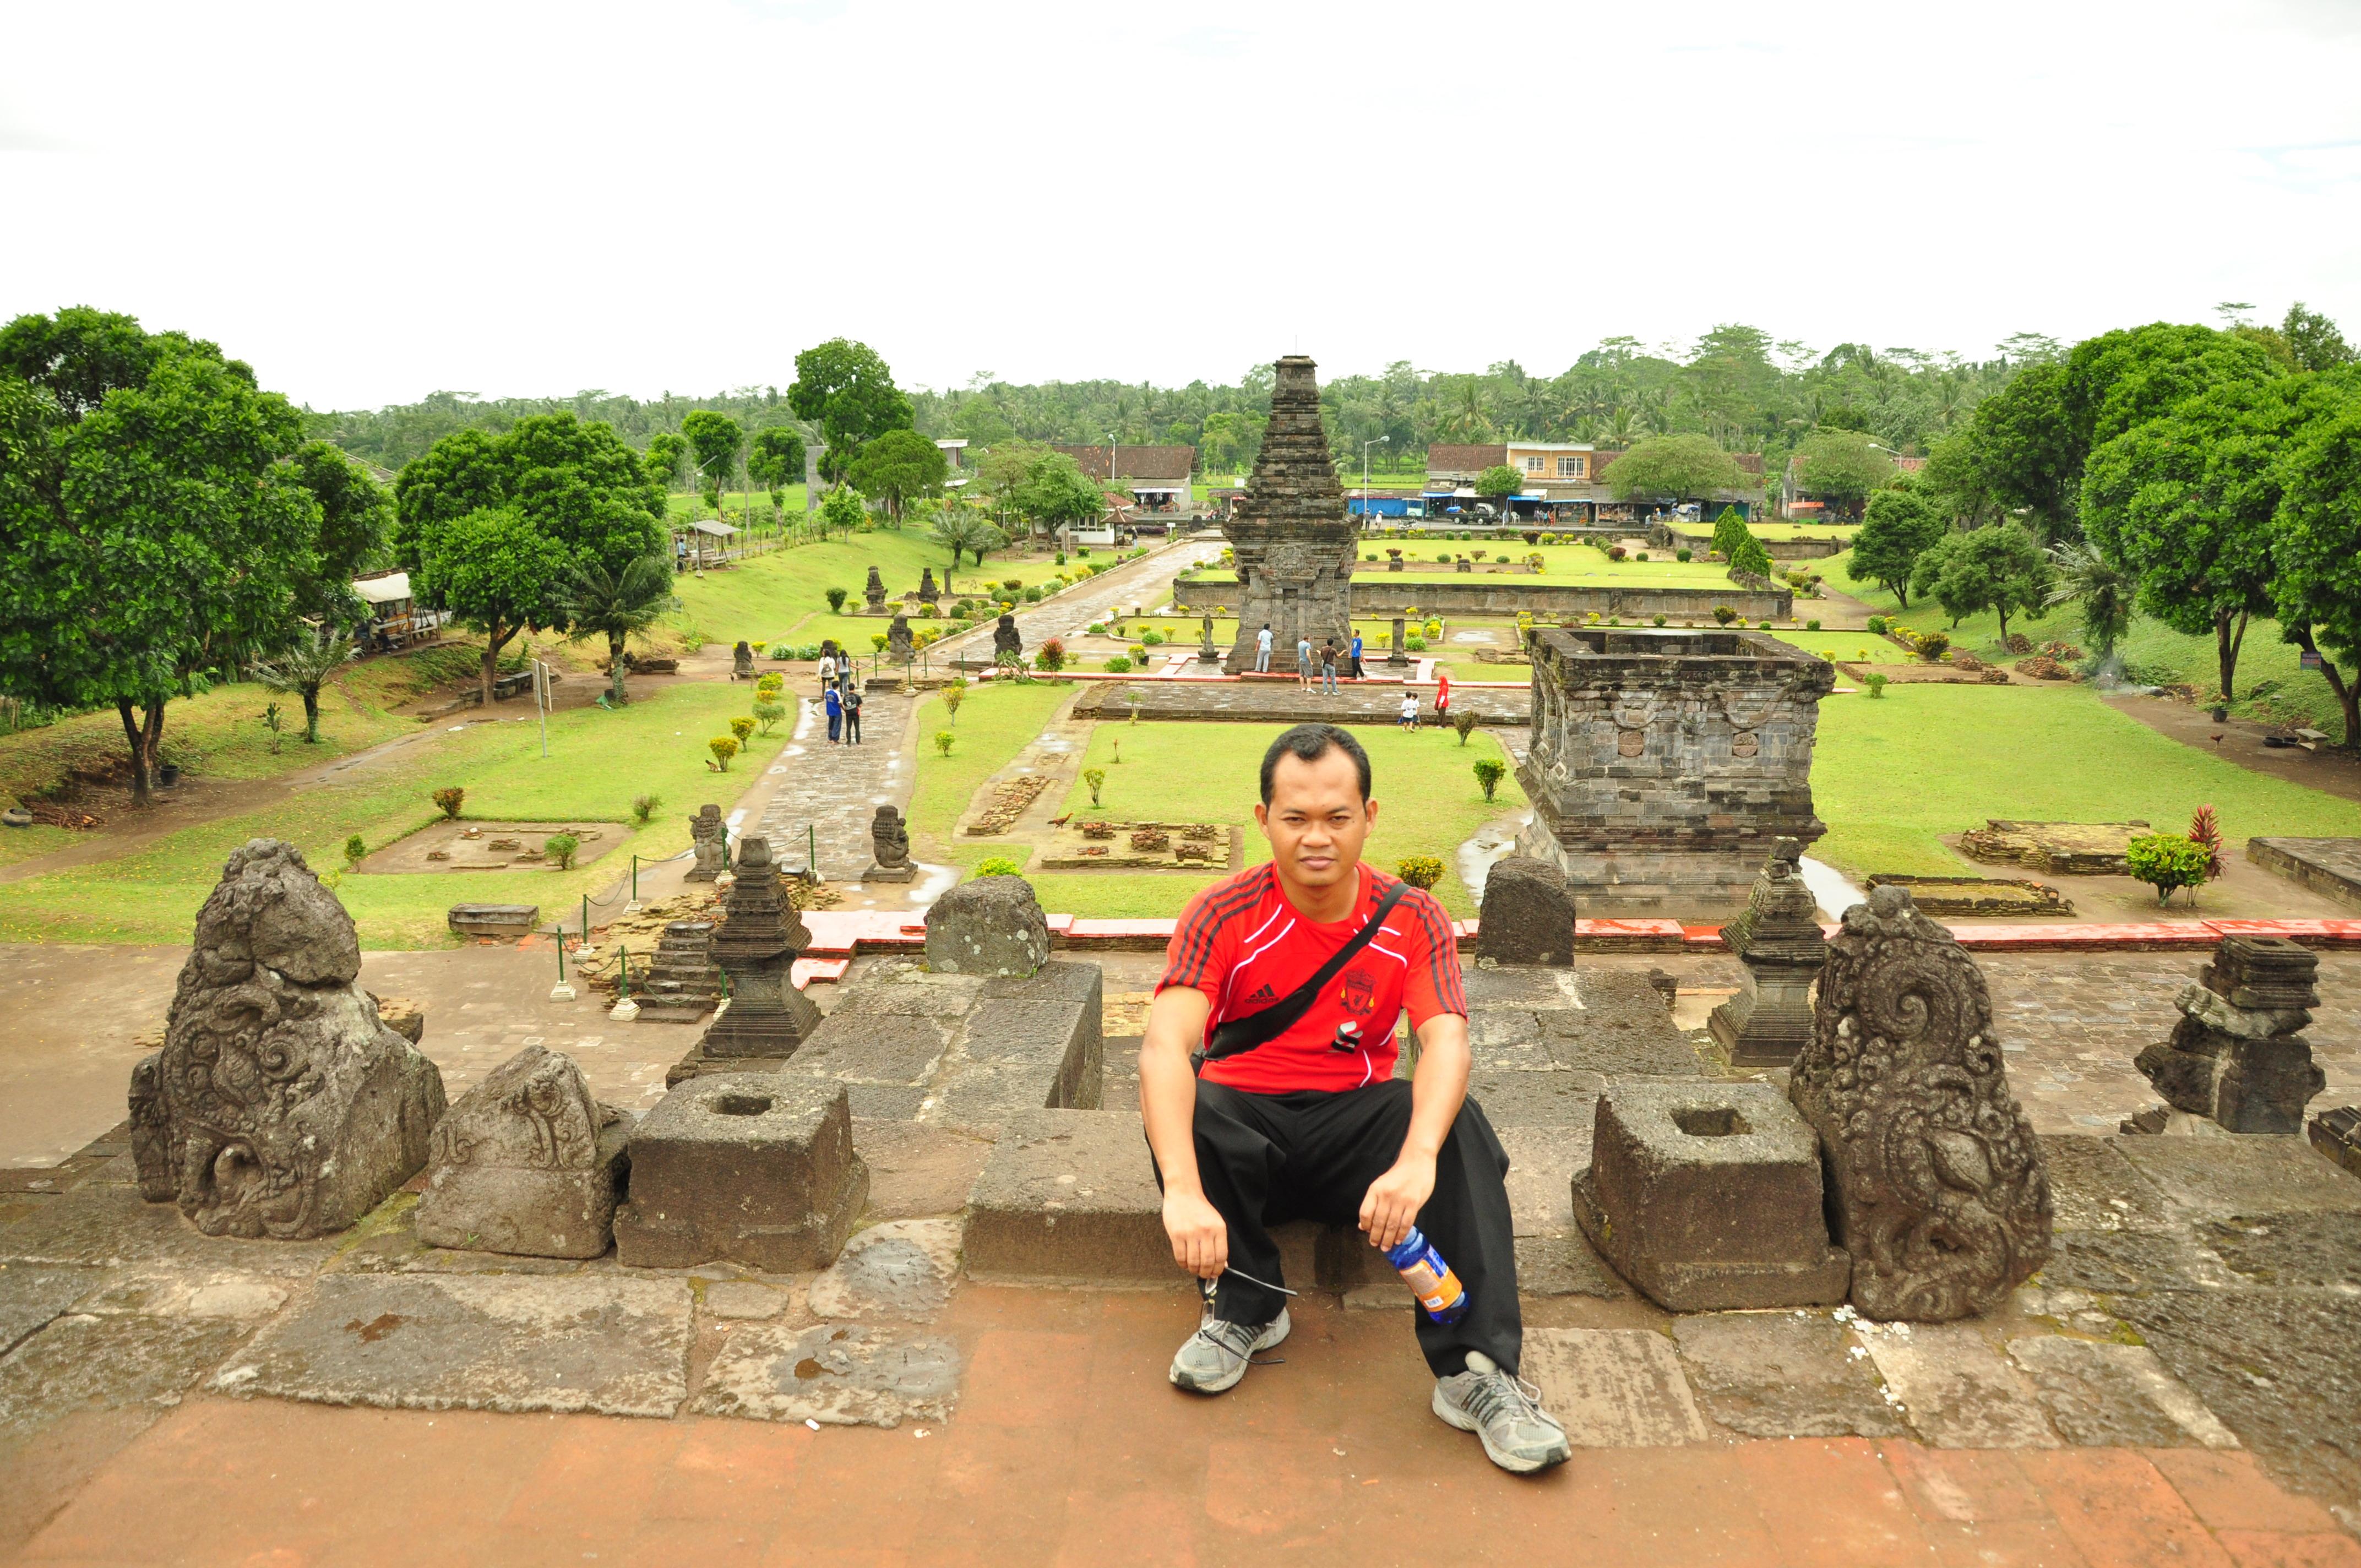 Wisata Kota Blitar Pecintawisata Monumen Peta Kab